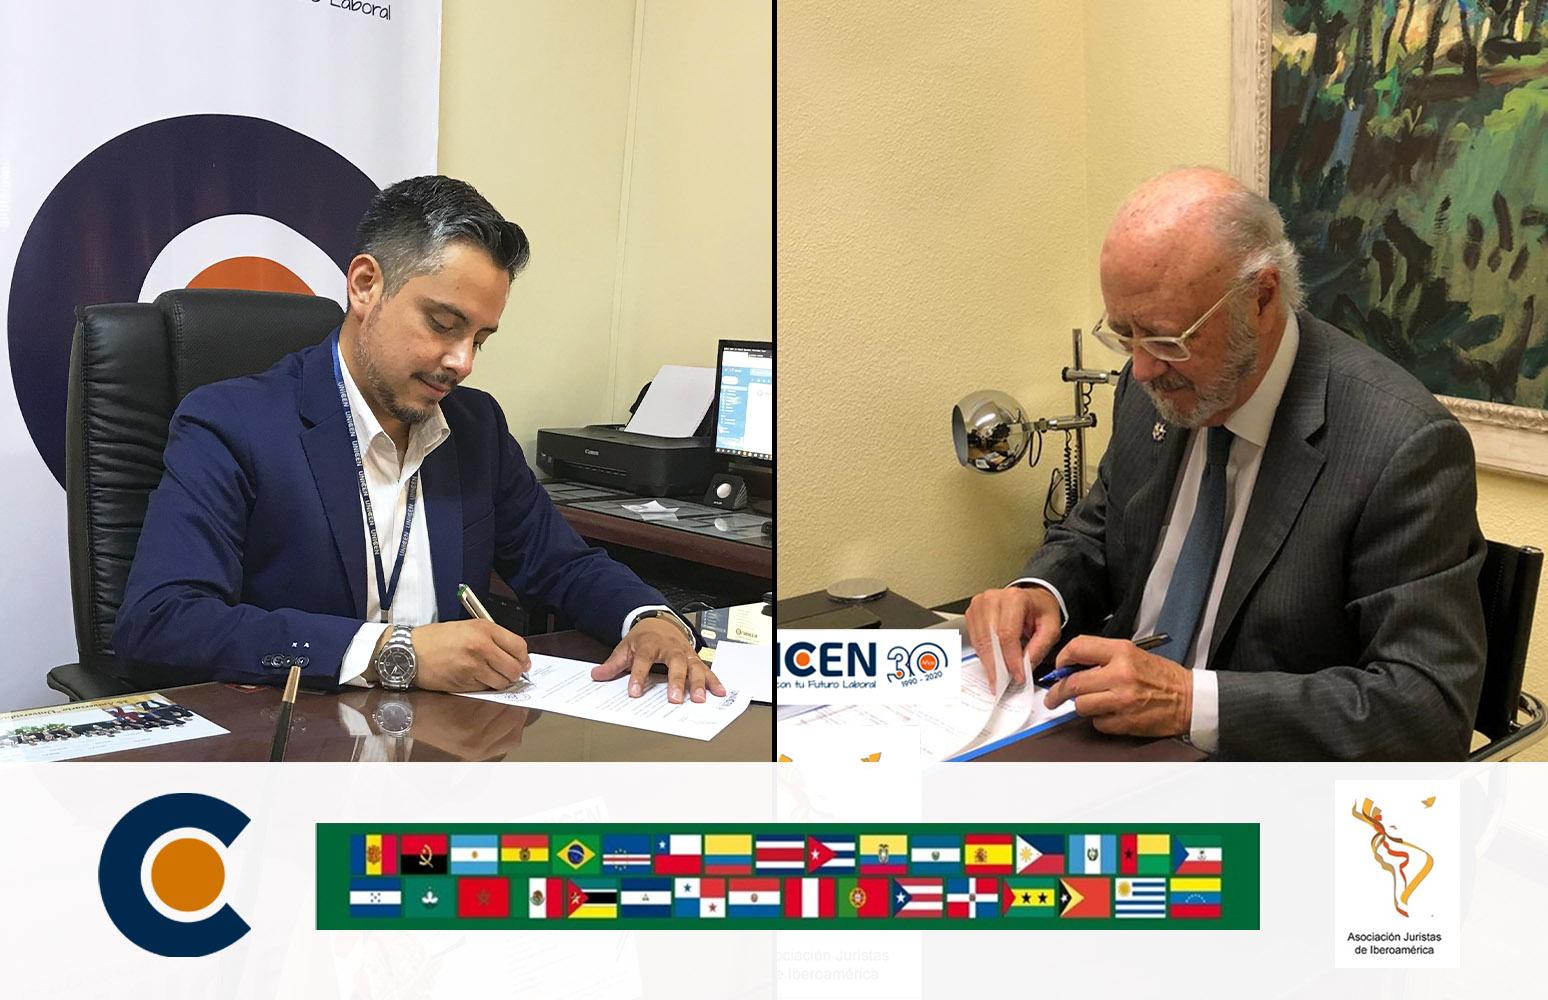 Alianza internacional entre UNICEN y la Asociación Juristas de Iberoamérica (ASJURIB)